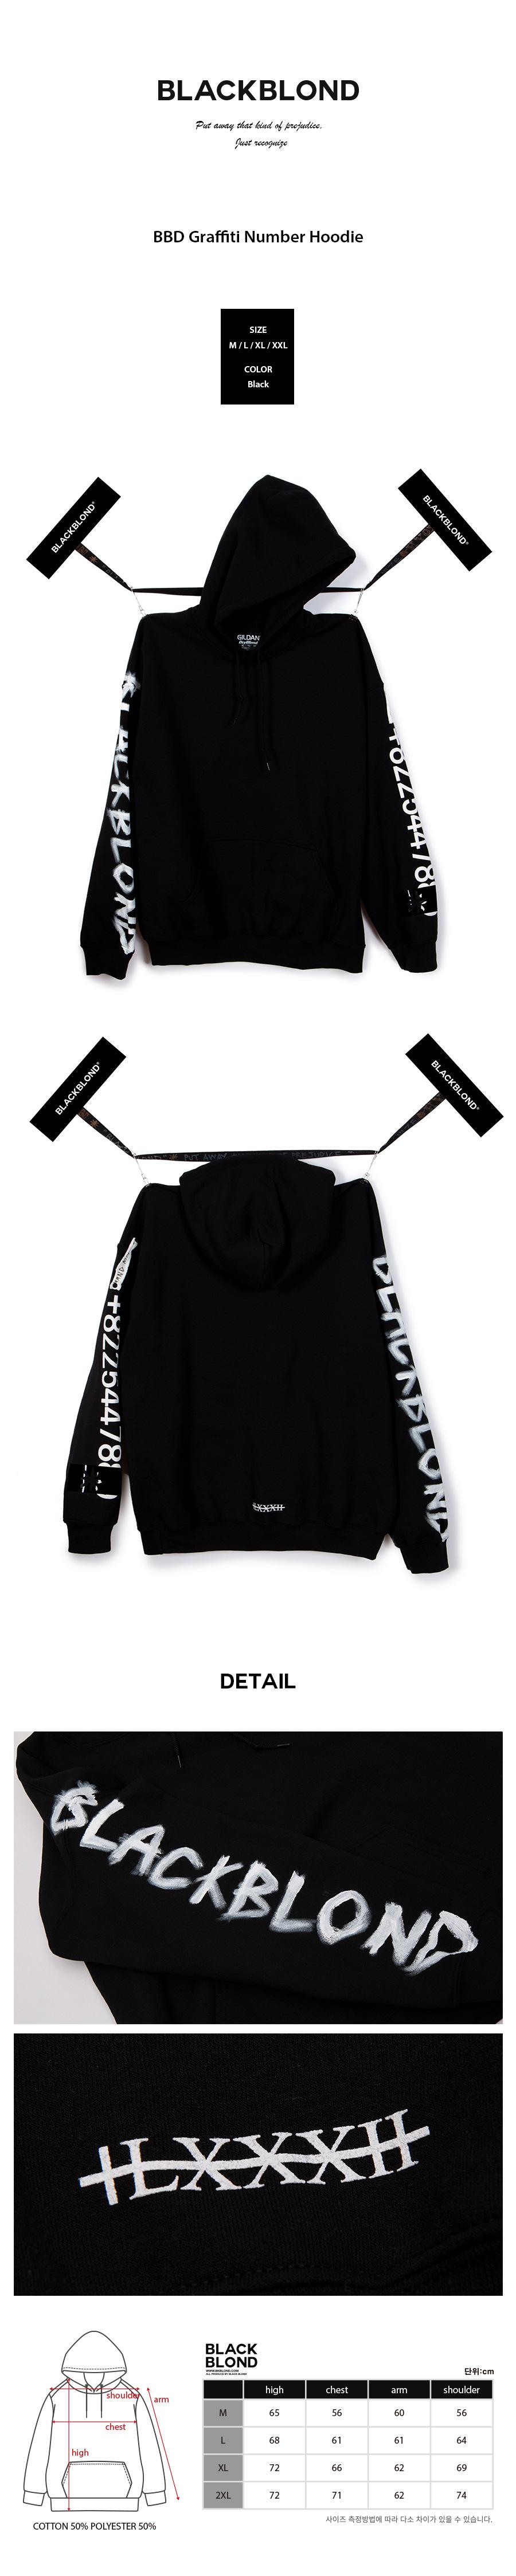 블랙블론드 BLACKBLOND - BBD Graffiti Number Hoodie (Black)